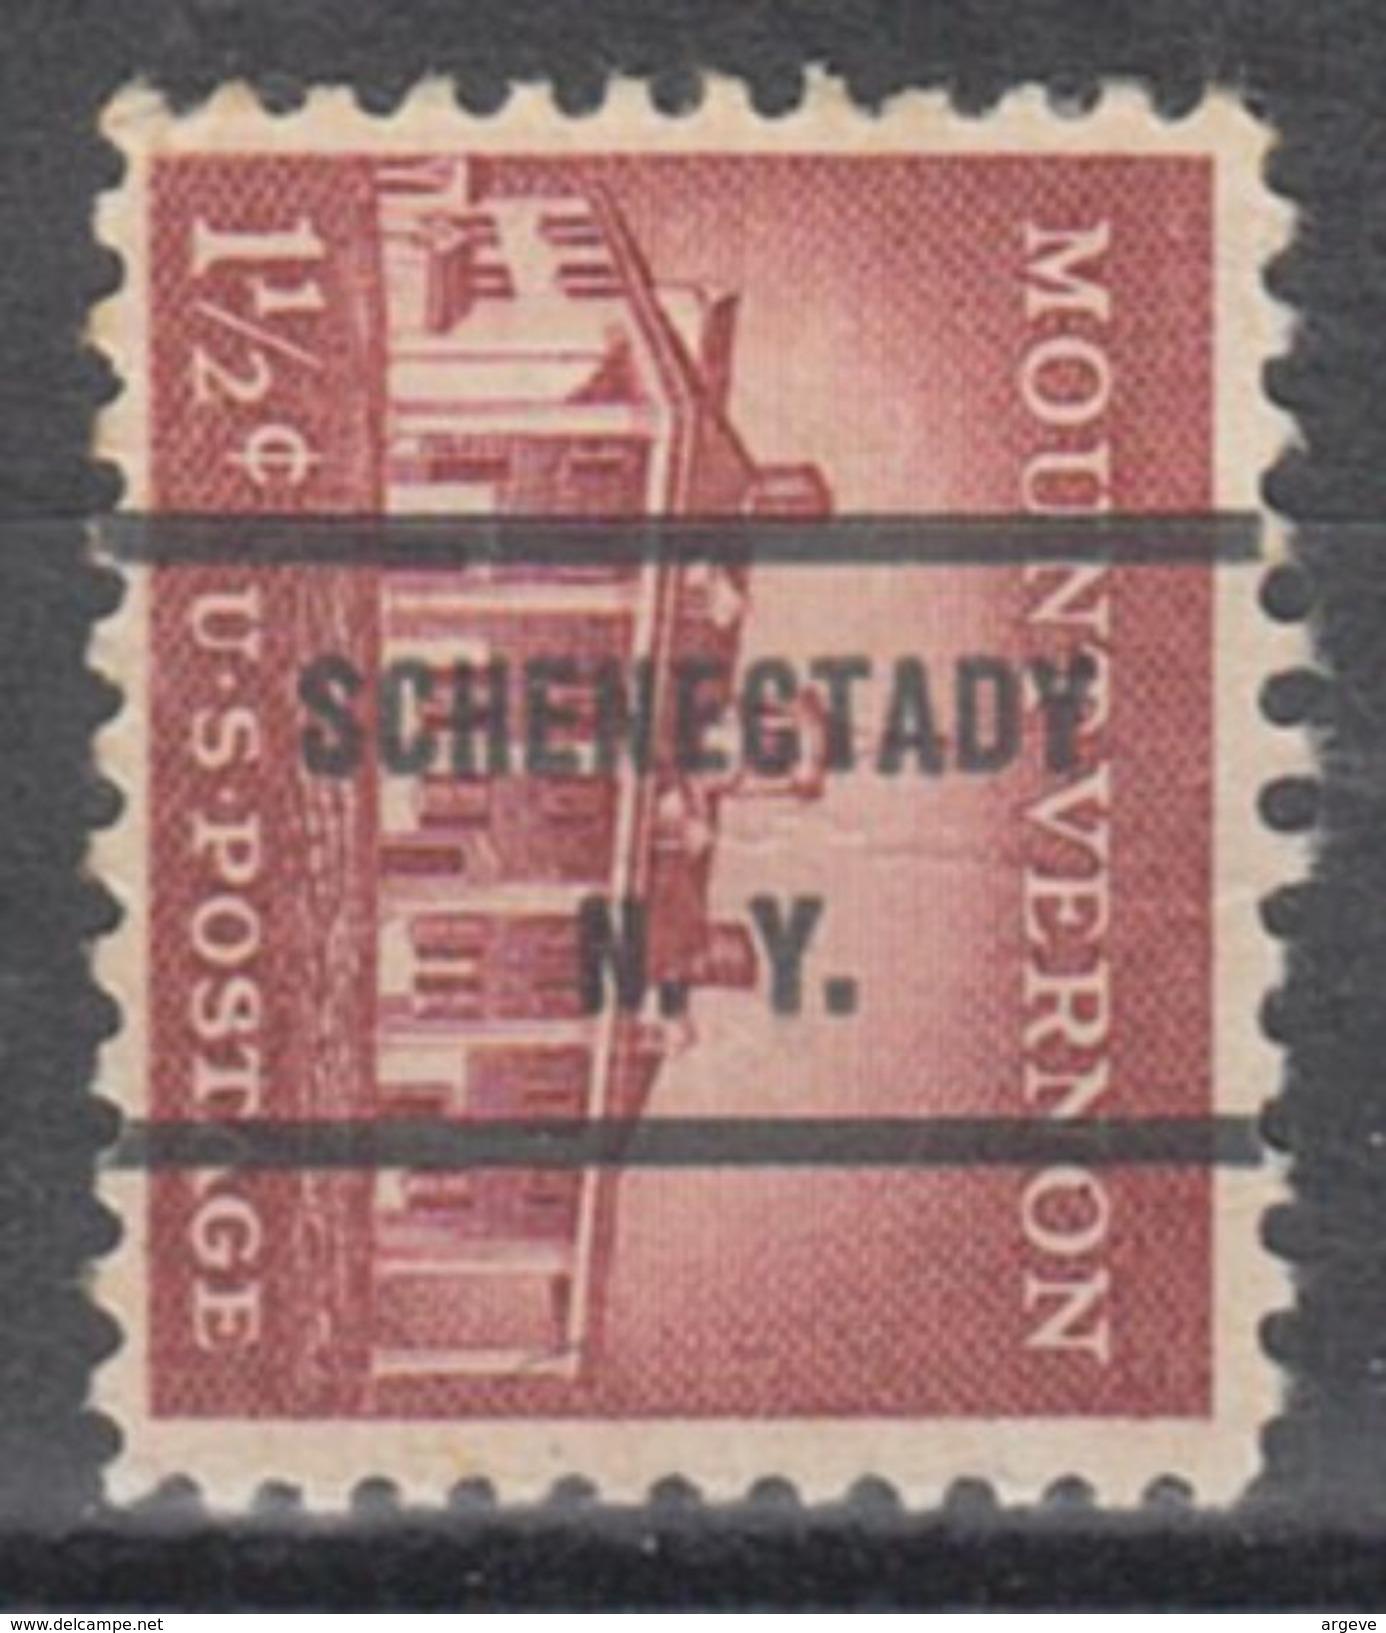 USA Precancel Vorausentwertung Preo, Bureau New York, Schenectady 1032-71 - Vereinigte Staaten